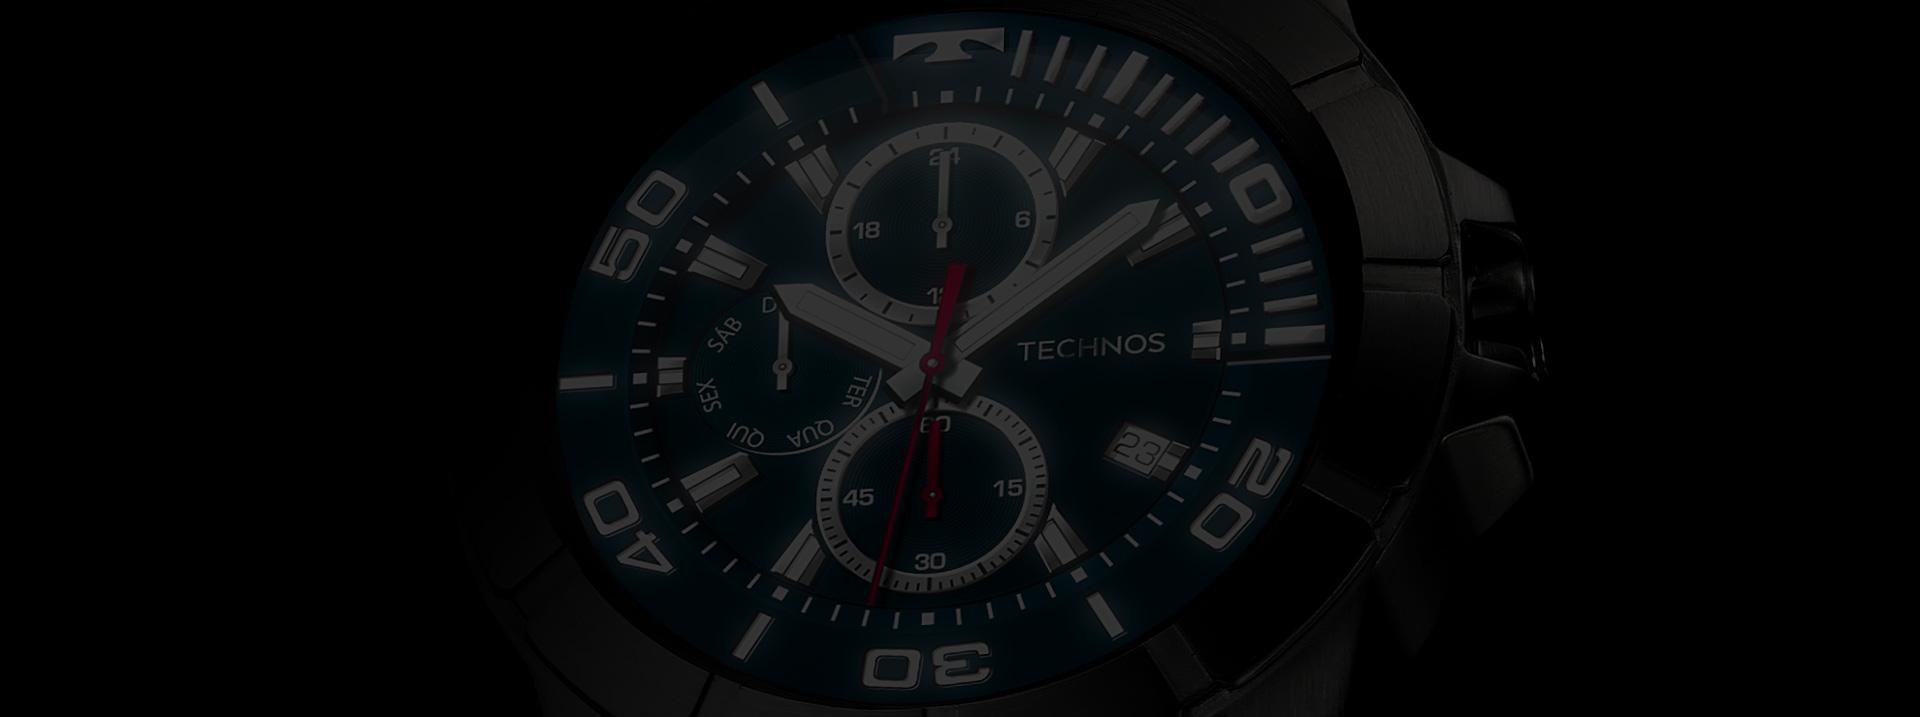 62455e59cd3cb Relógio Technos Connect Full Display 3.0 Prata SRAD 1P - technos